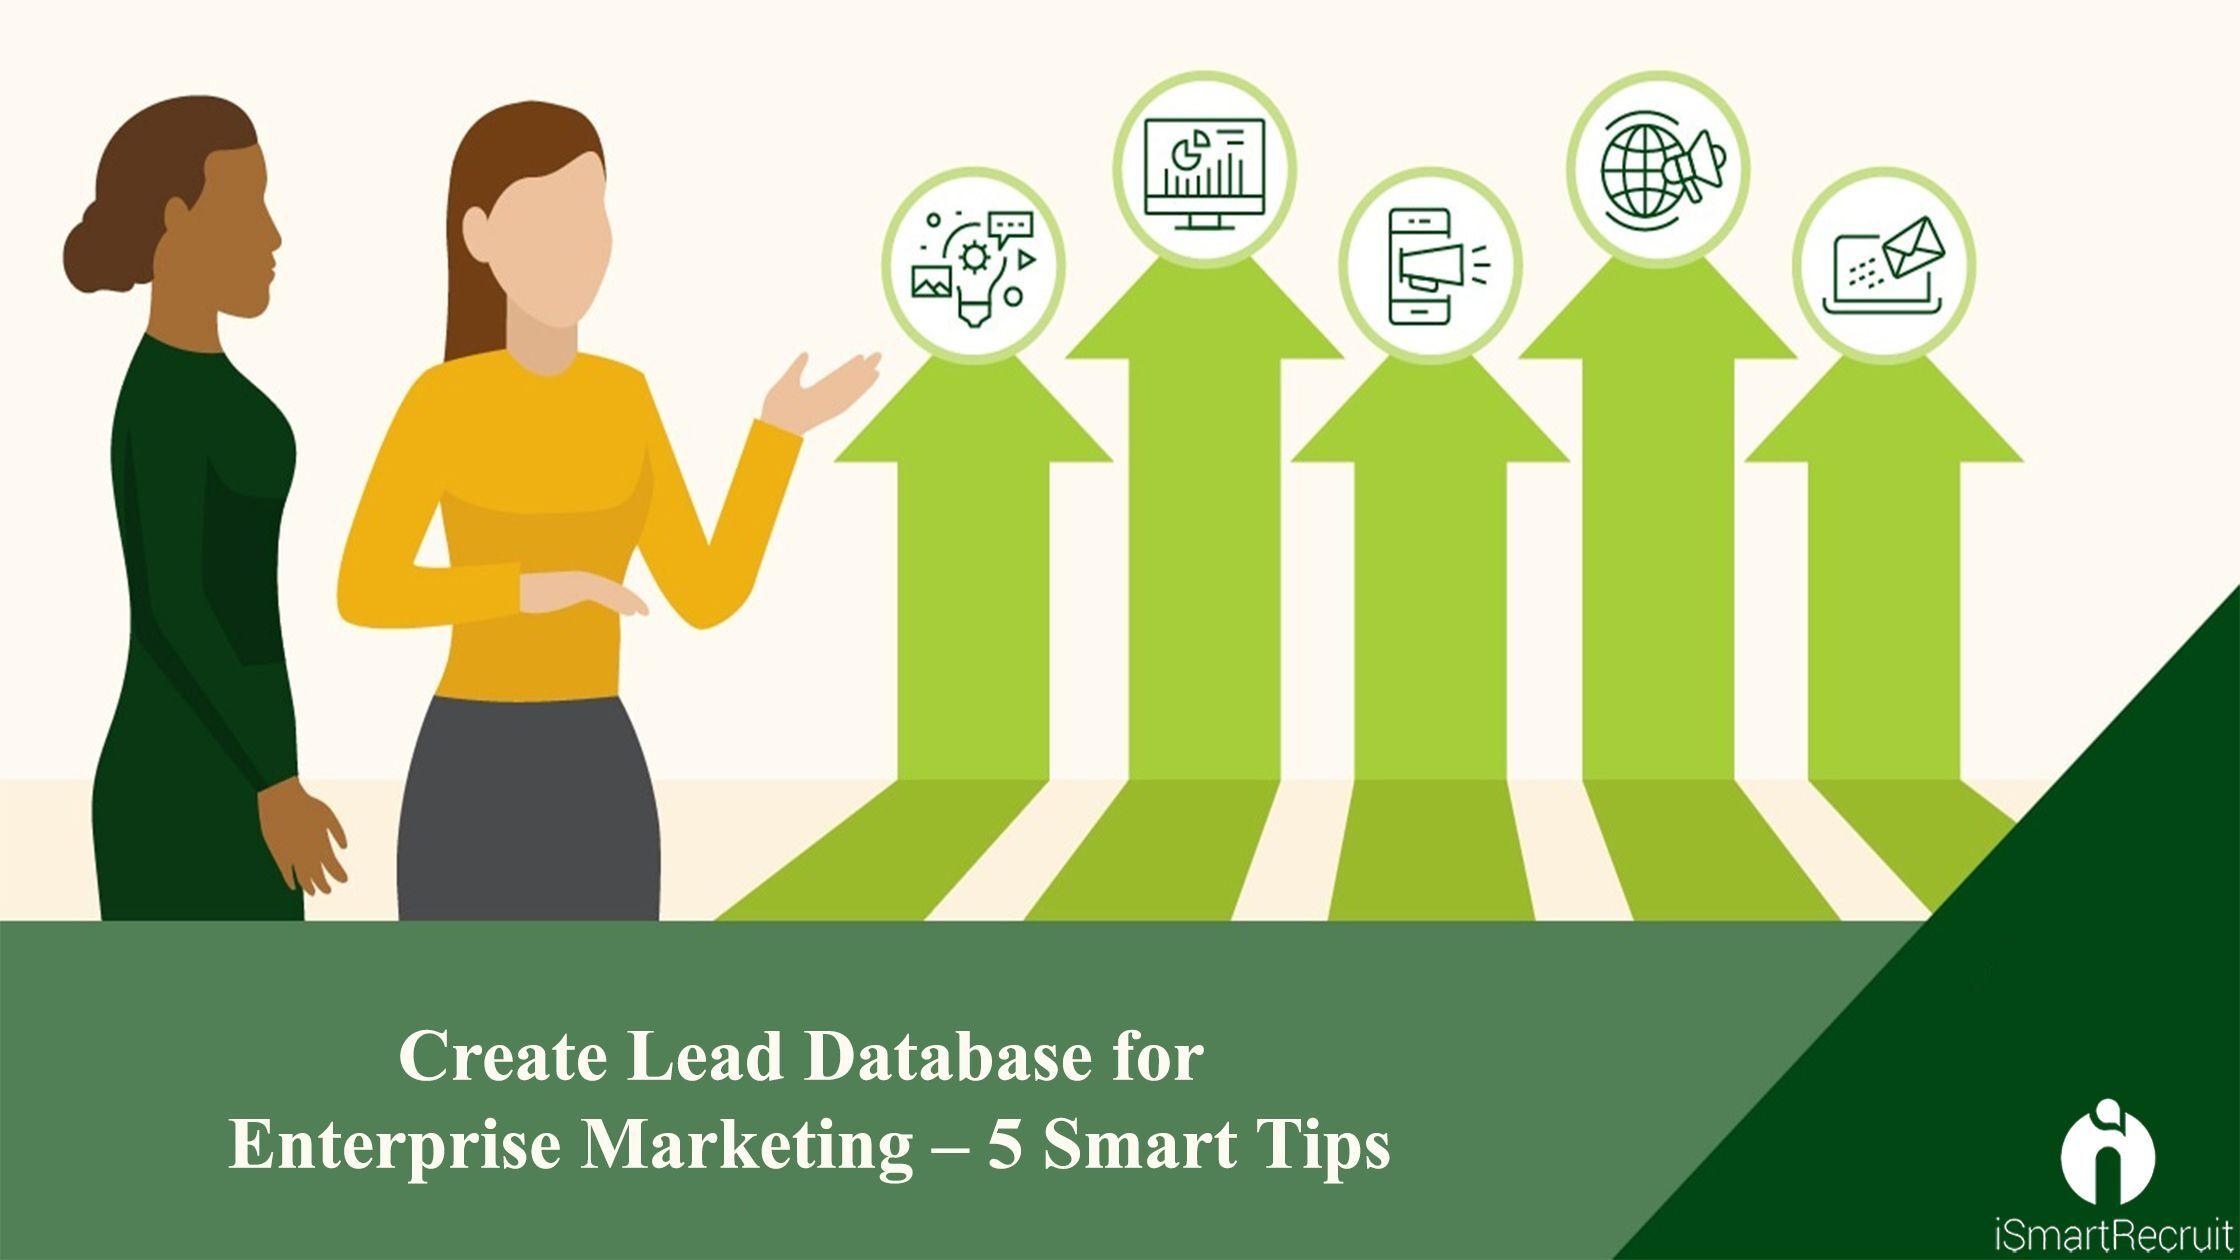 Create Lead Database for Enterprise Marketing - 5 Smart Tips